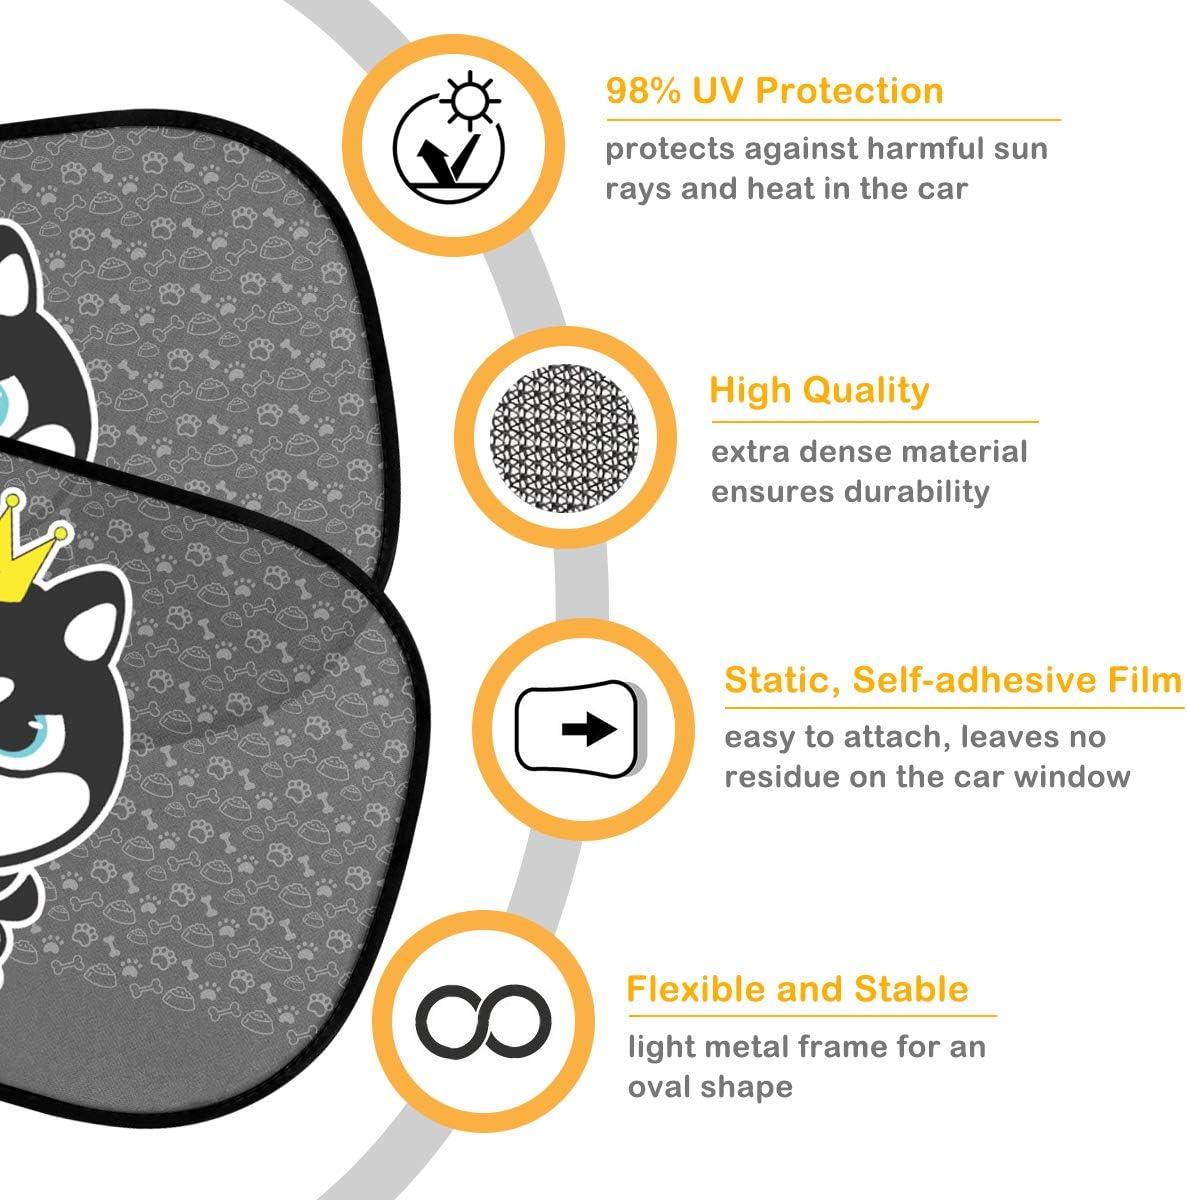 Haustiere Kinder 2 St/ück Selbsthaftende Sonnenblende Auto Kinder mit Hund Motiv Auto Fenster Sonnenschutz f/ür Baby Sonnenblende Auto Baby mit UV Schutz AODOOR Sonnenschutz Auto Baby 51 x 31CM